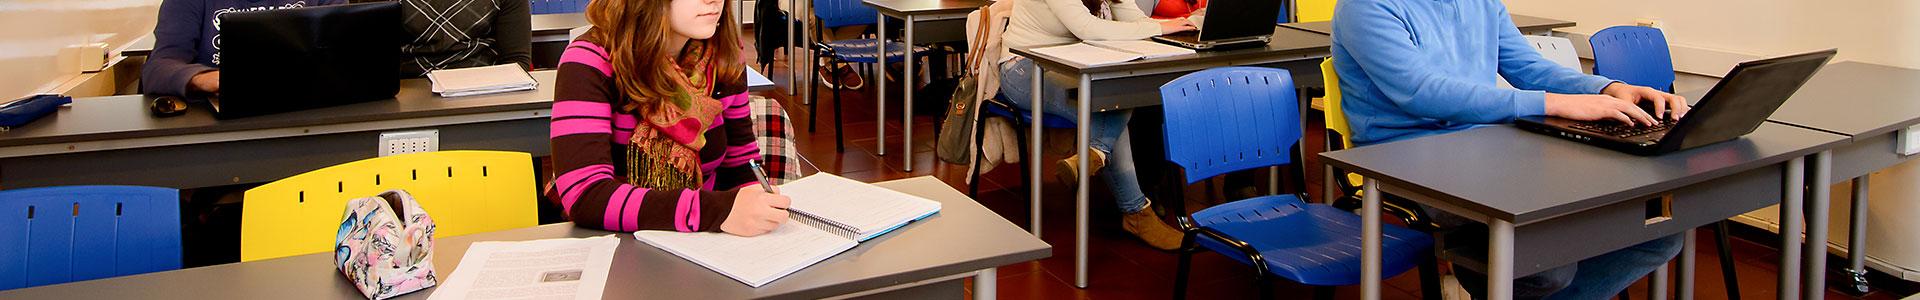 Facultad de Comunicación y Diseño